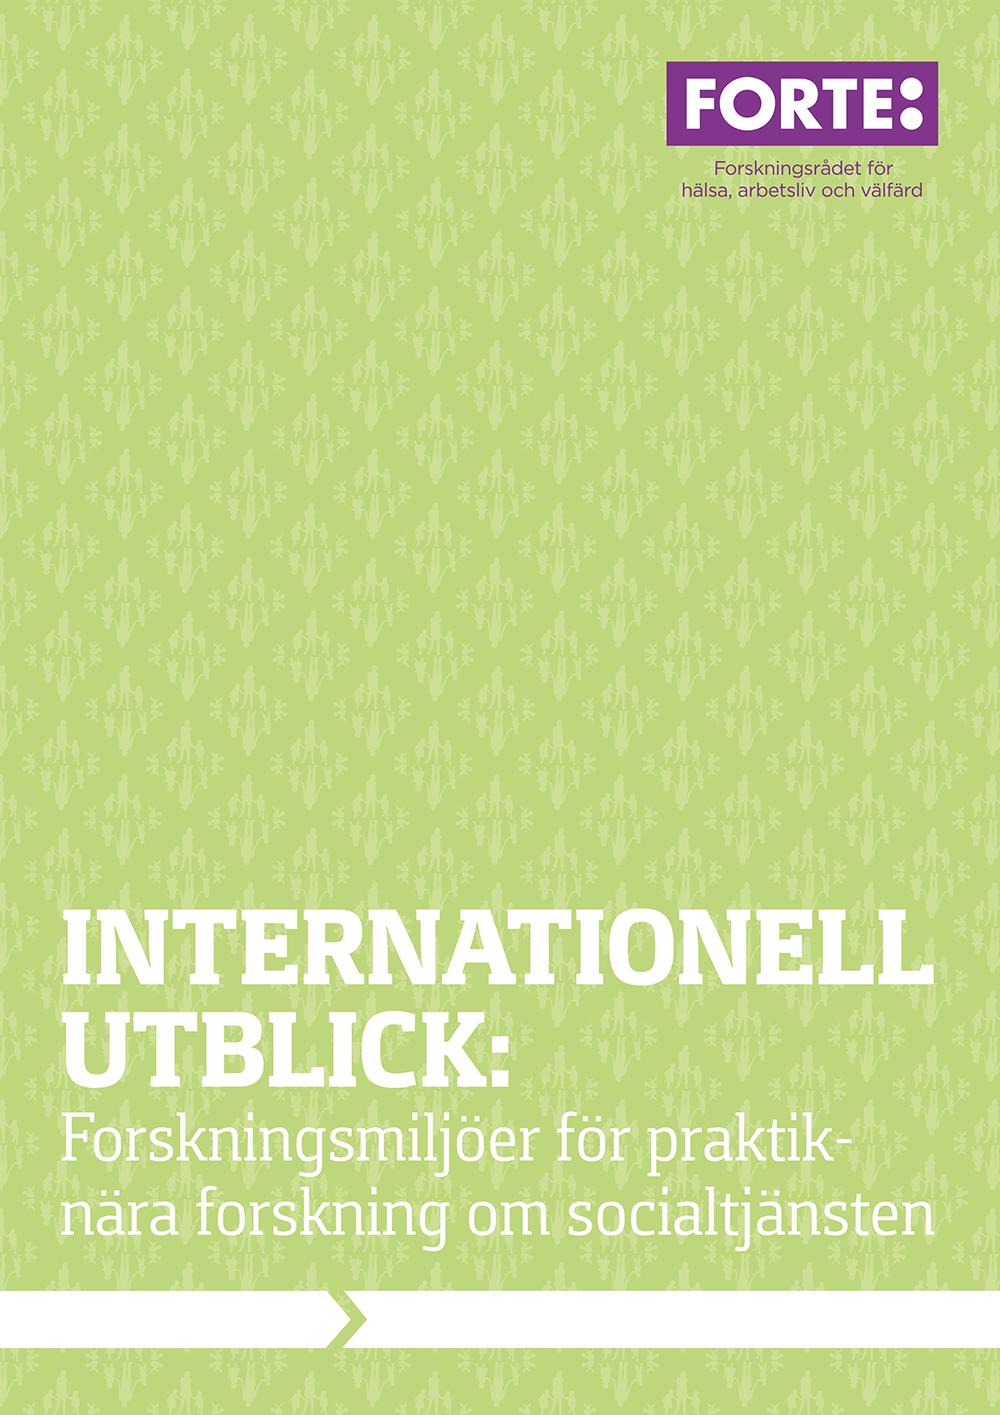 Internationell utblick: Forskningsmiljöer för praktiknära forskning om socialtjänsten